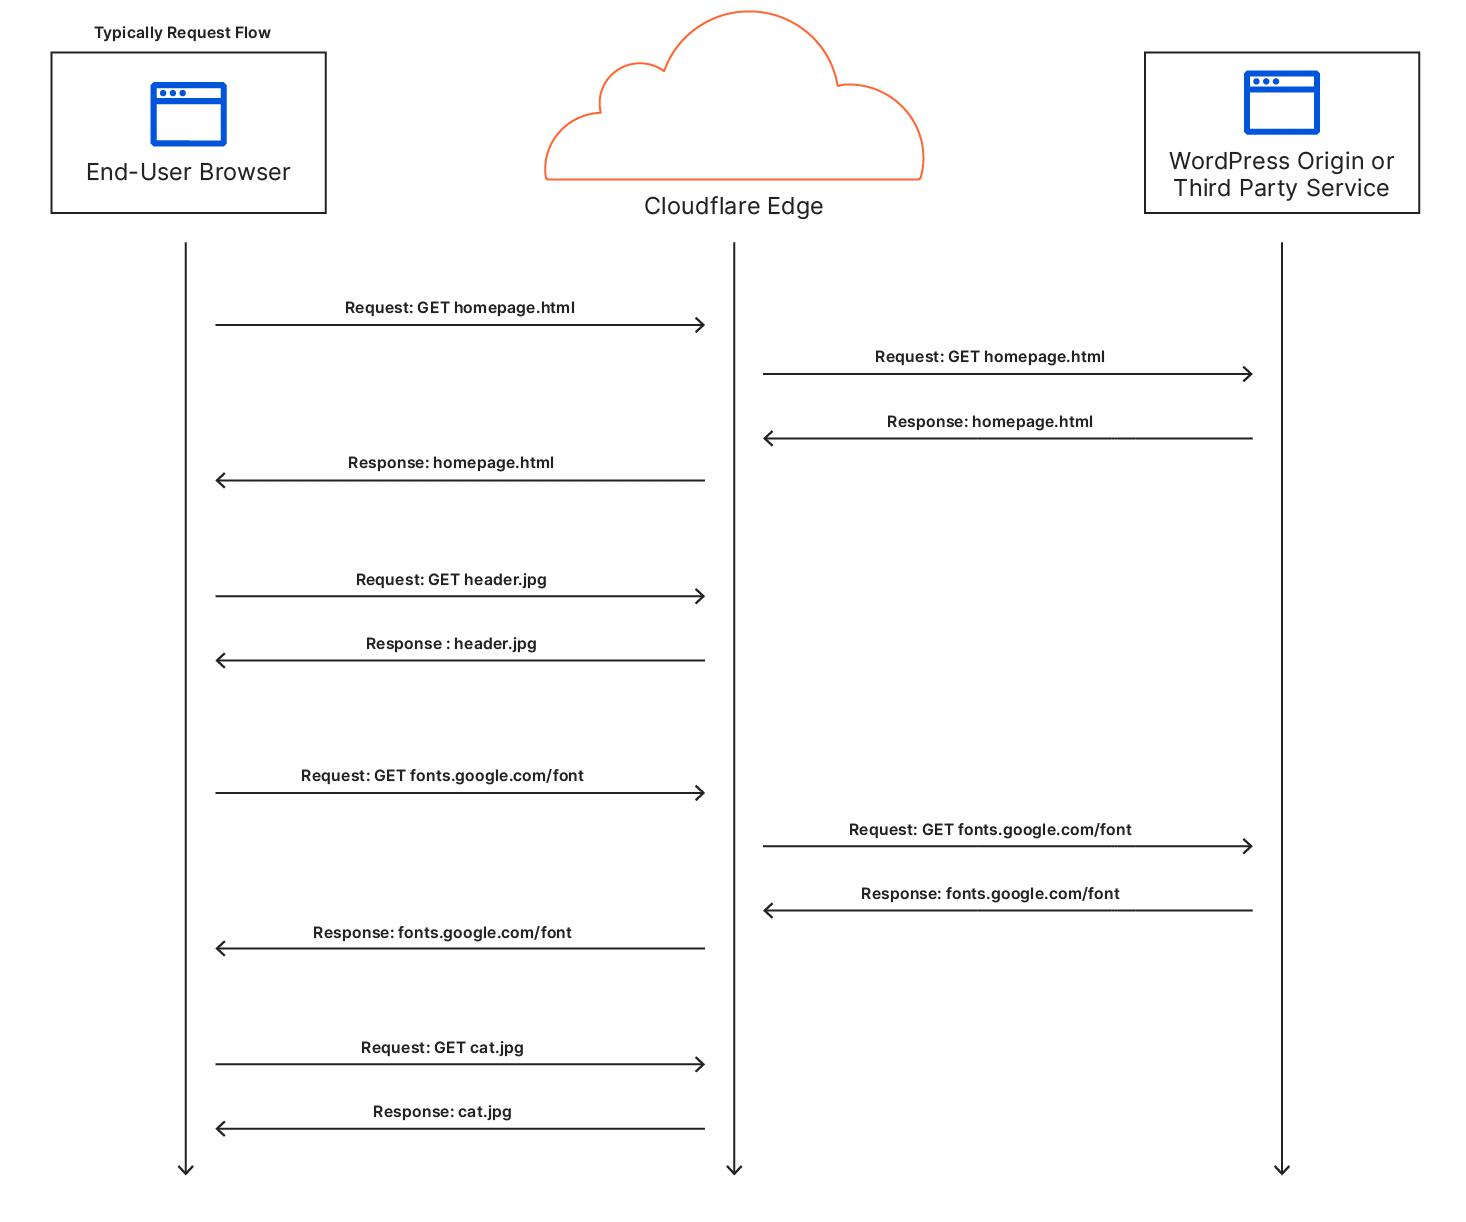 Ein Ablaufdiagramm für einen typischen Nutzer, der eine Website besucht